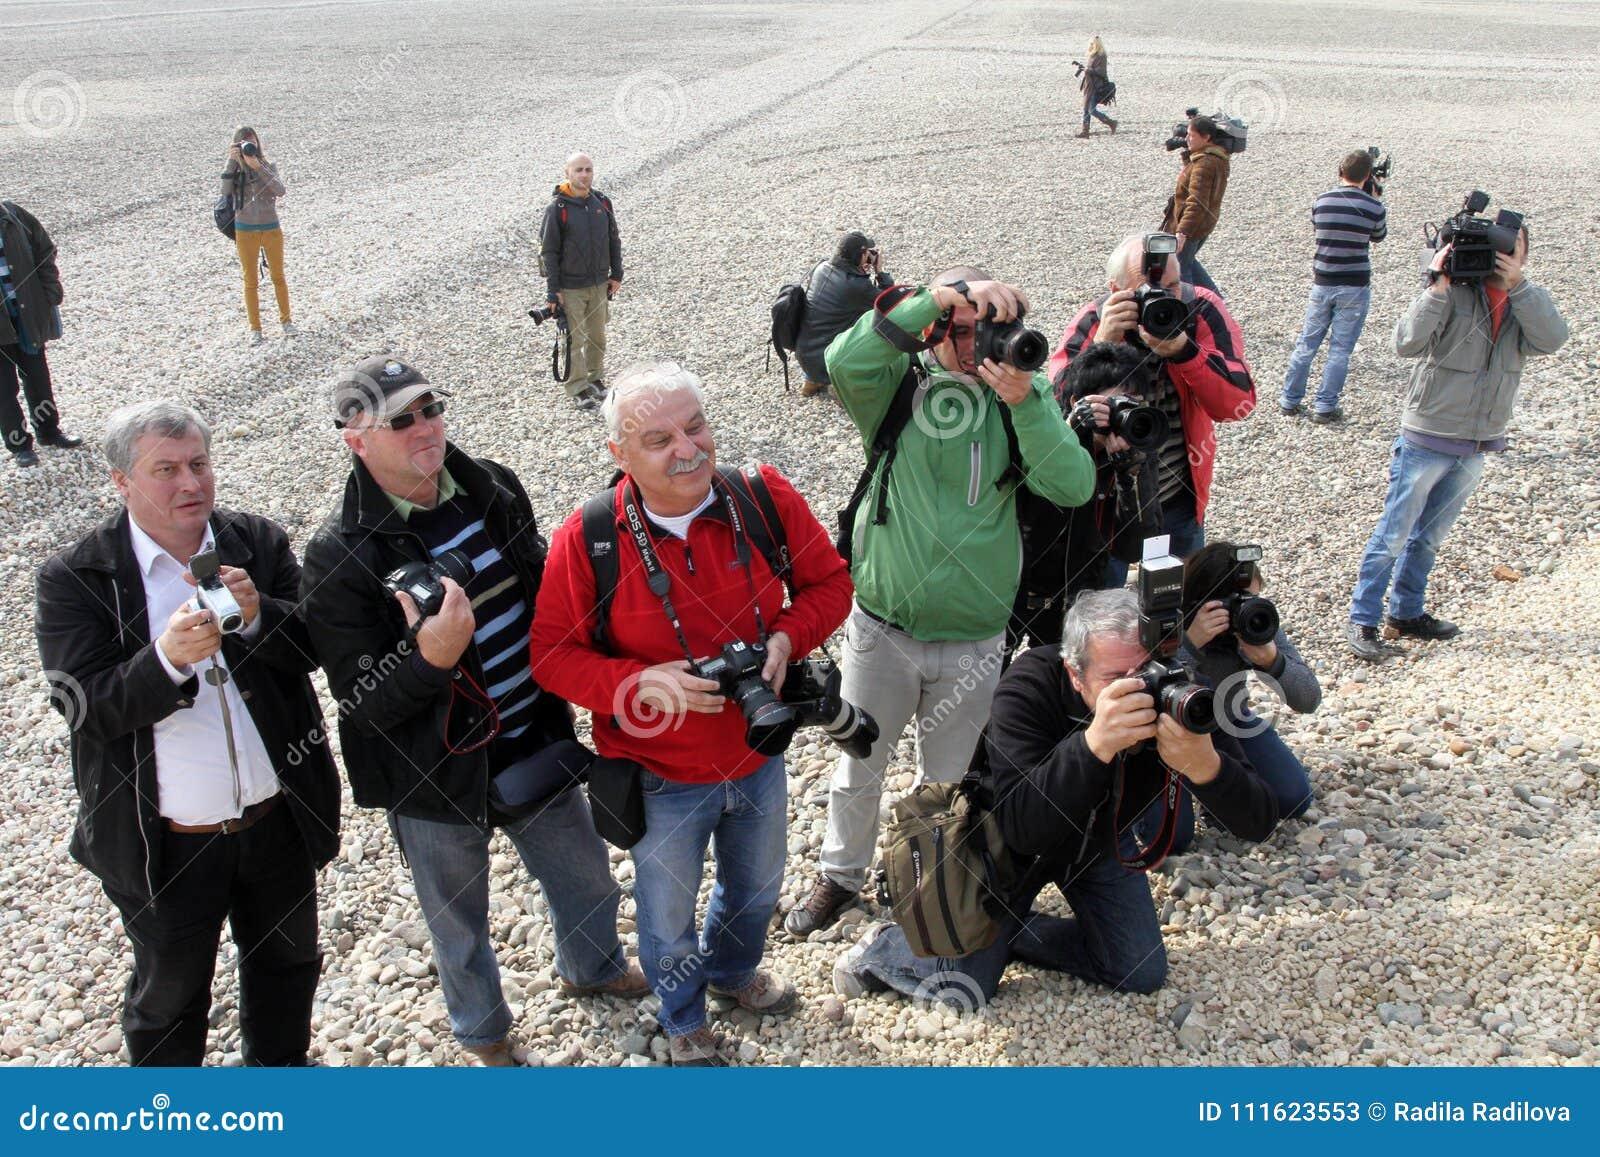 Periodistas fotográficos en la acción mientras que espera un final de la estrella de Hollywood una película en Sofía, Bulgaria -